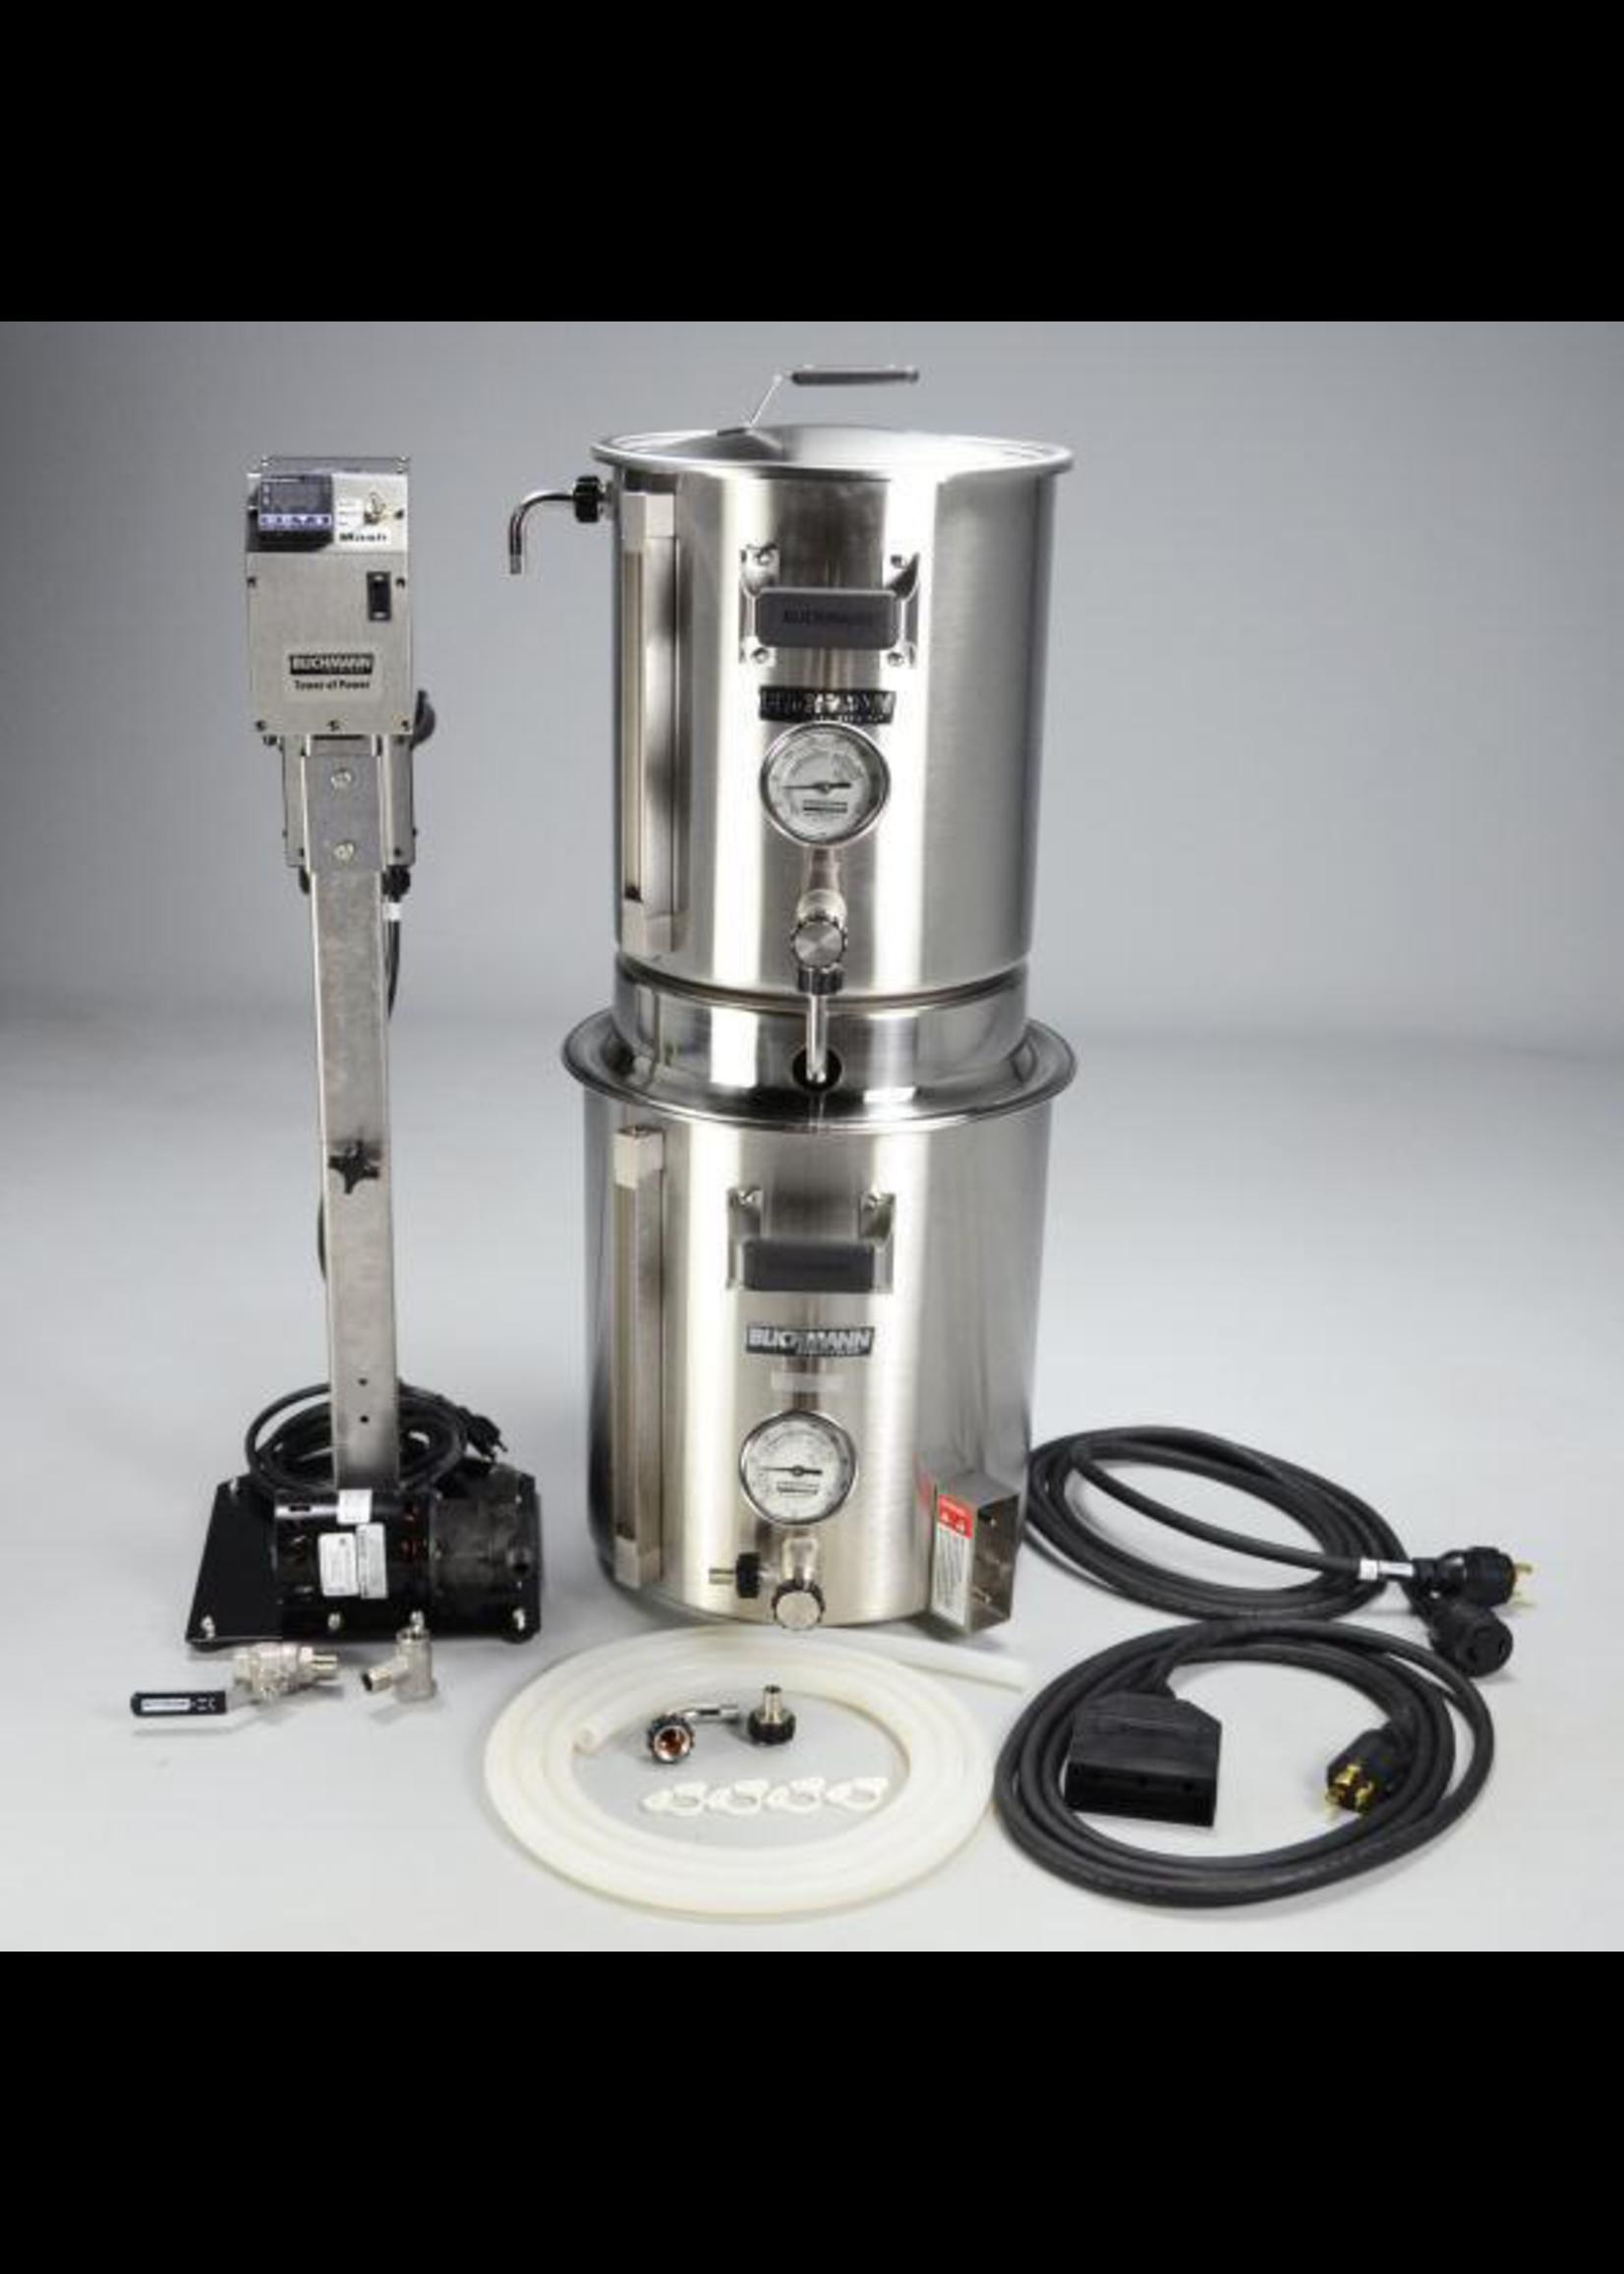 Blichmann Blichmann BrewEasy - Turnkey Kit - 240V LTE VERSION - 20 Gallon G2